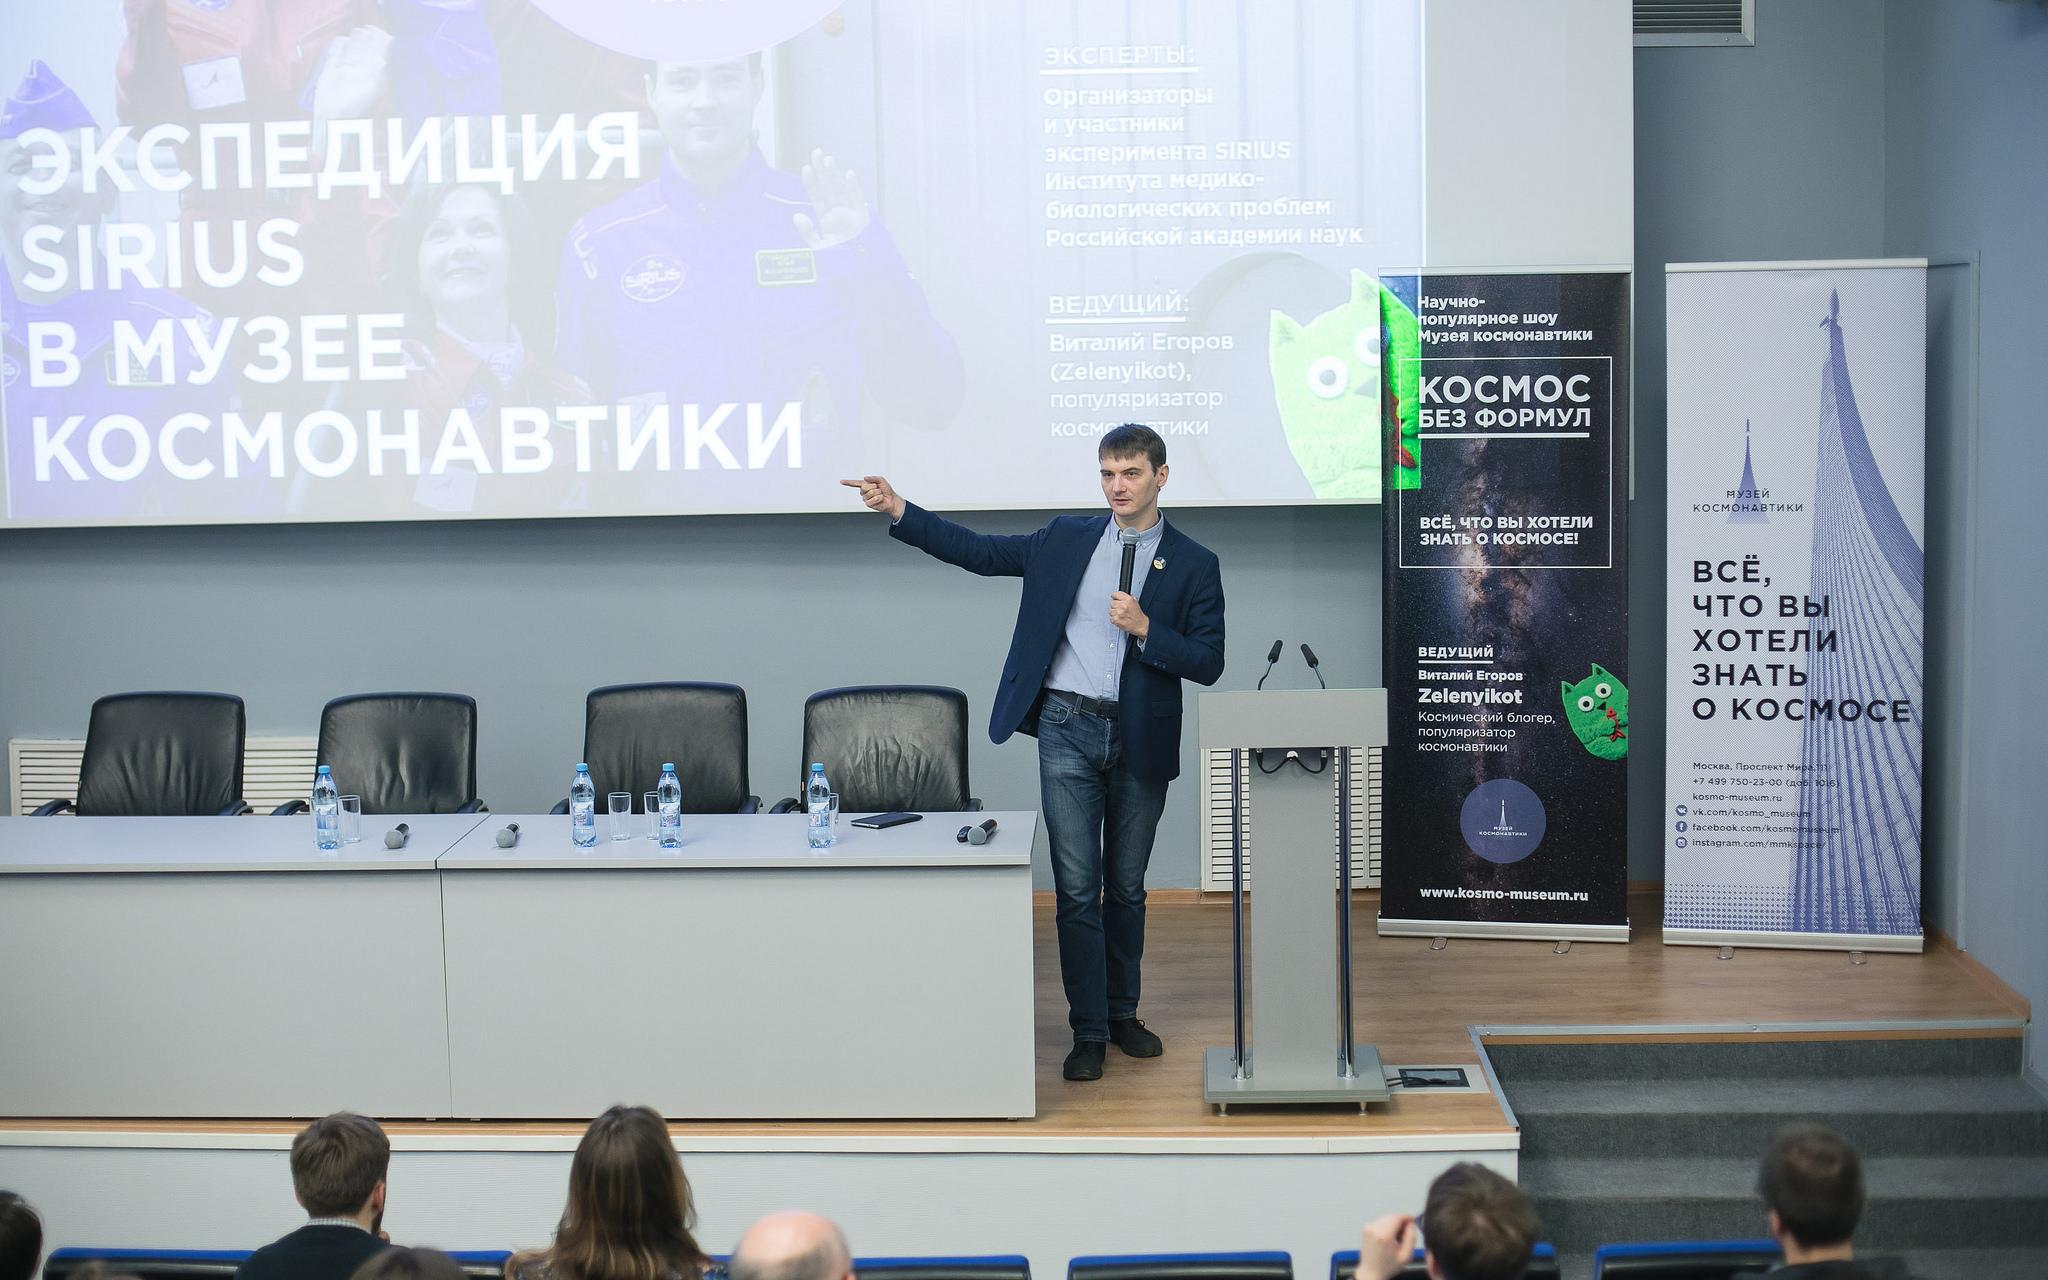 Научное ток-шоу «Космос без формул» – события на сайте «Московские Сезоны»